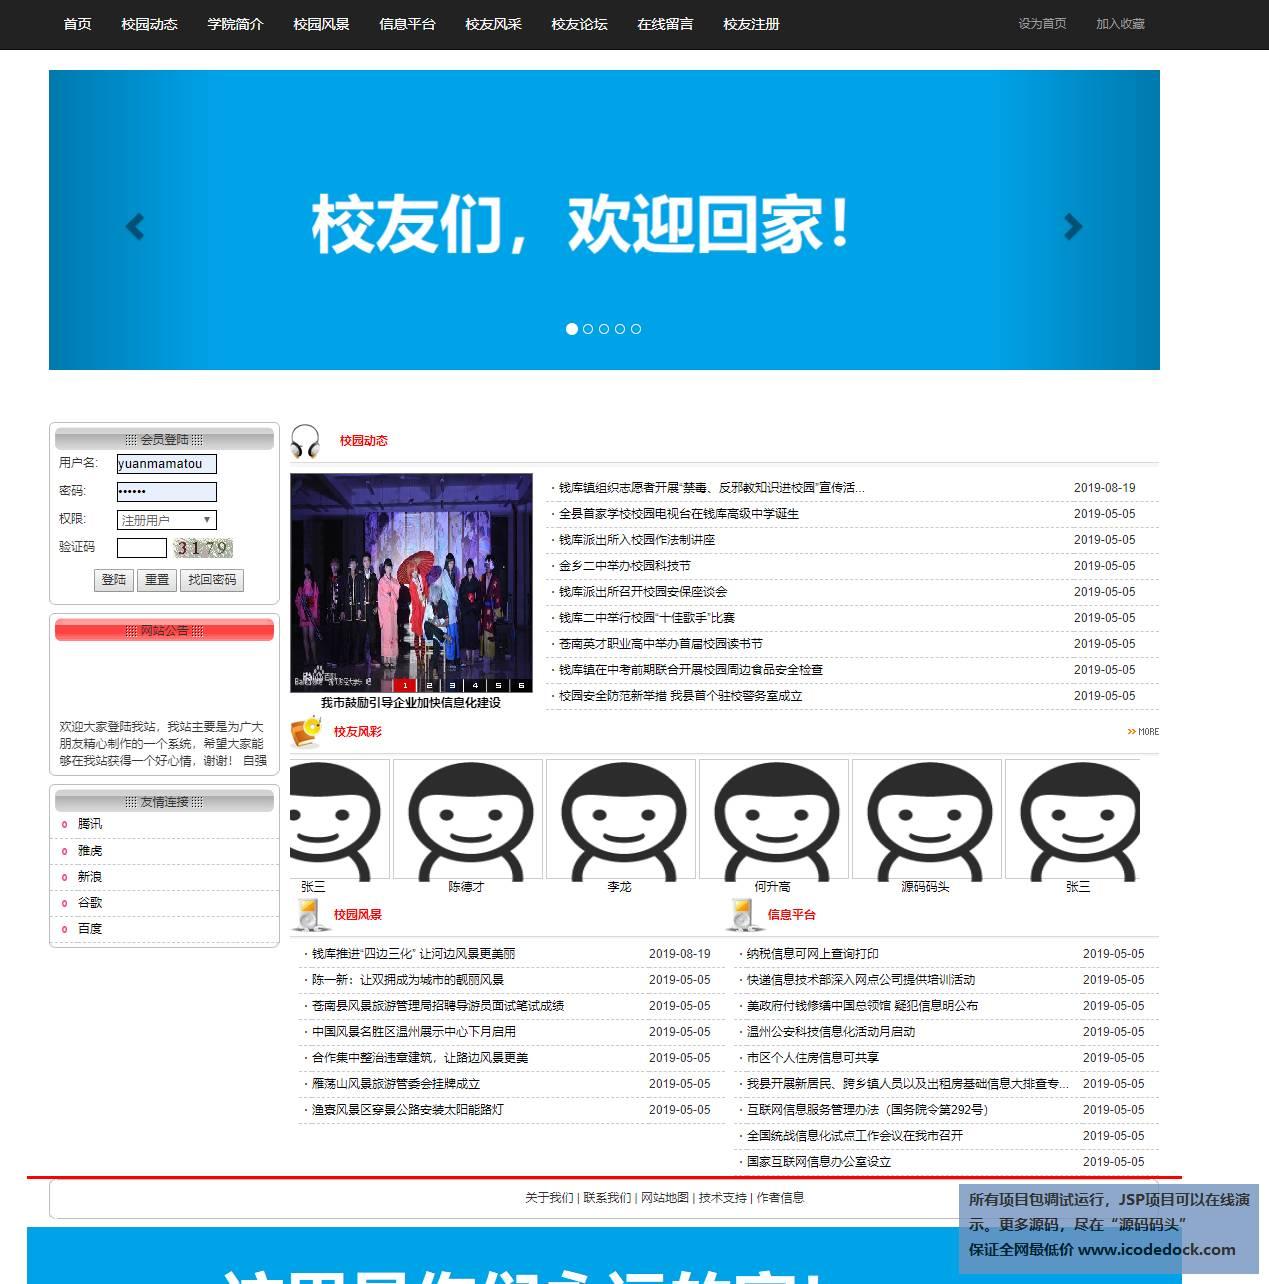 源码码头-JSP校友同学网站管理系统-用户角色-首页